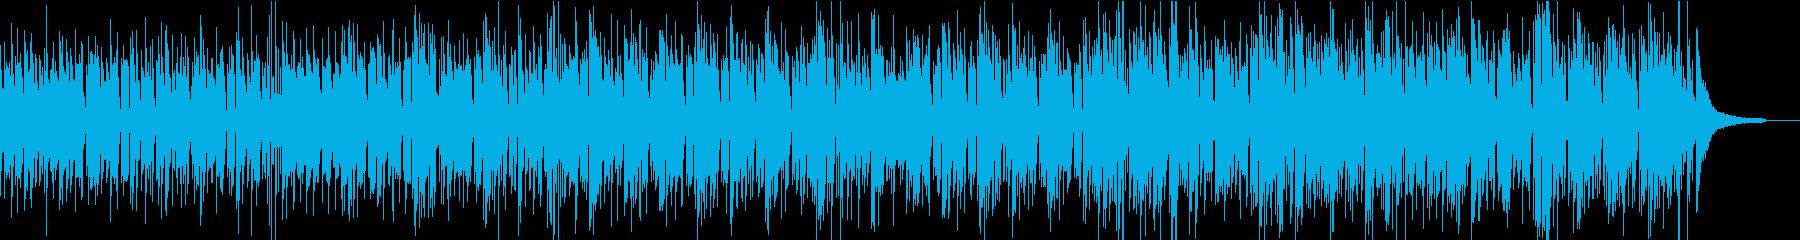 ボサノバ・ピアノ・軽快・おしゃれ・料理の再生済みの波形